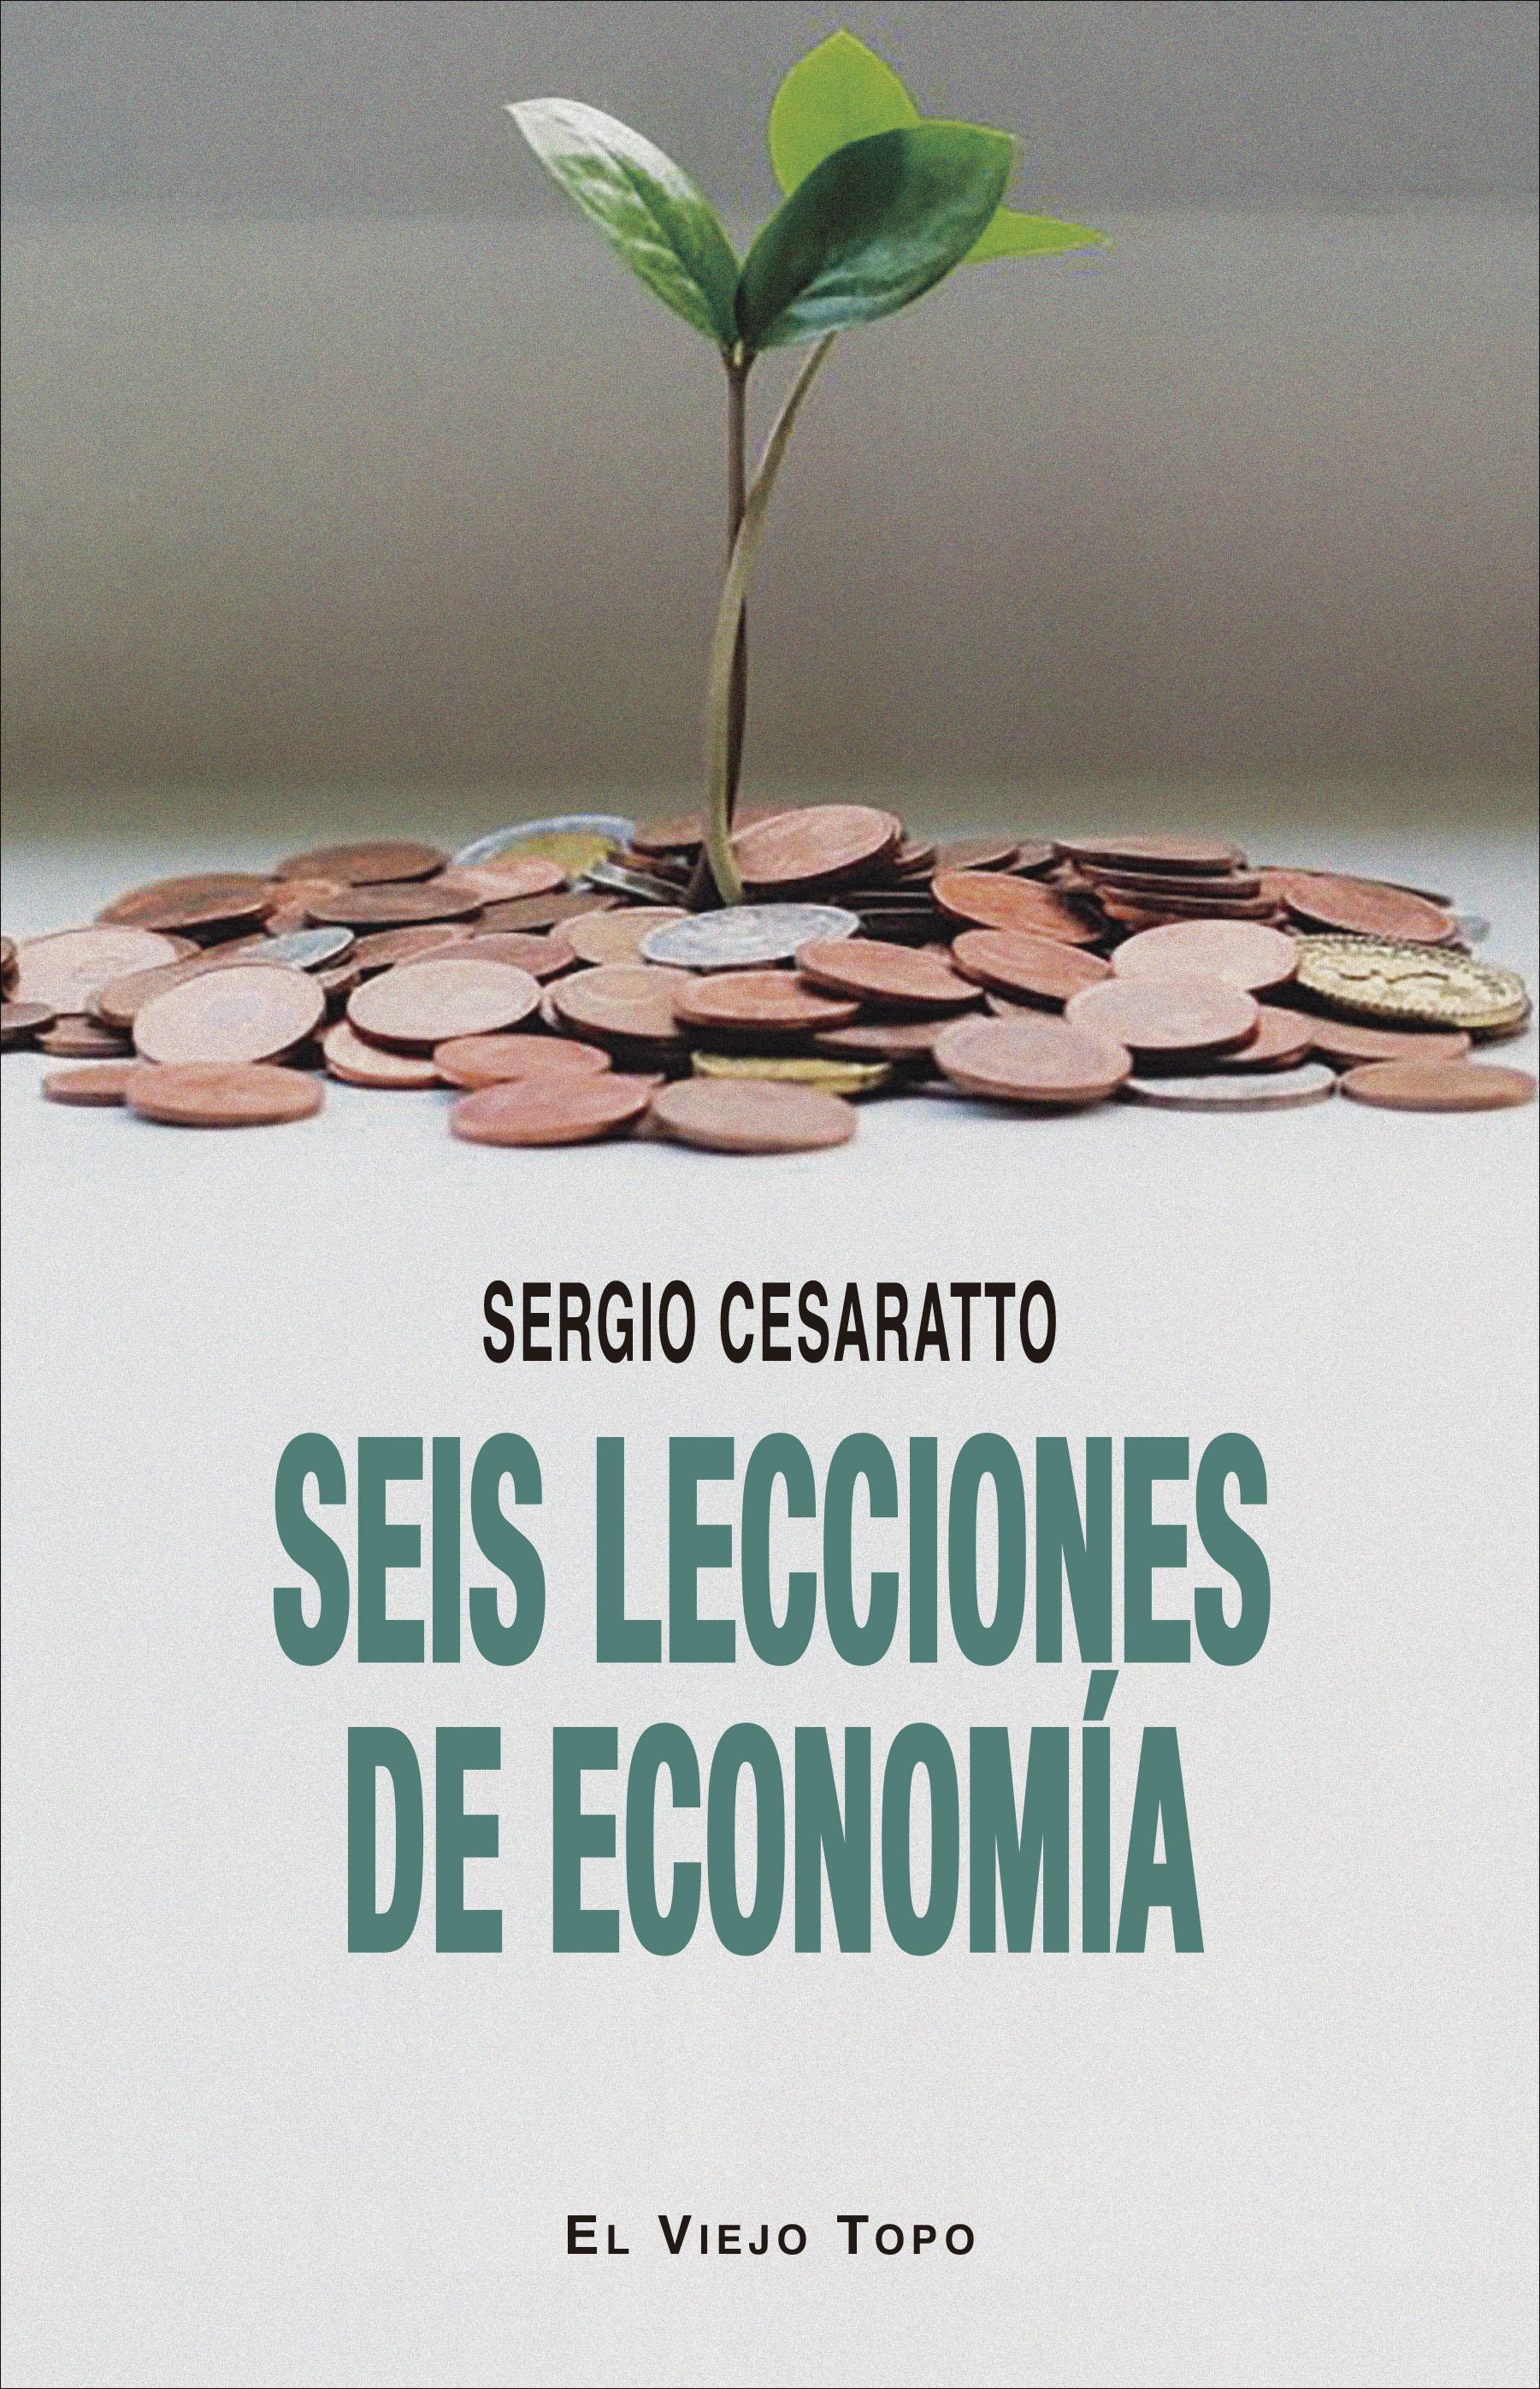 Seis lecciones de economía